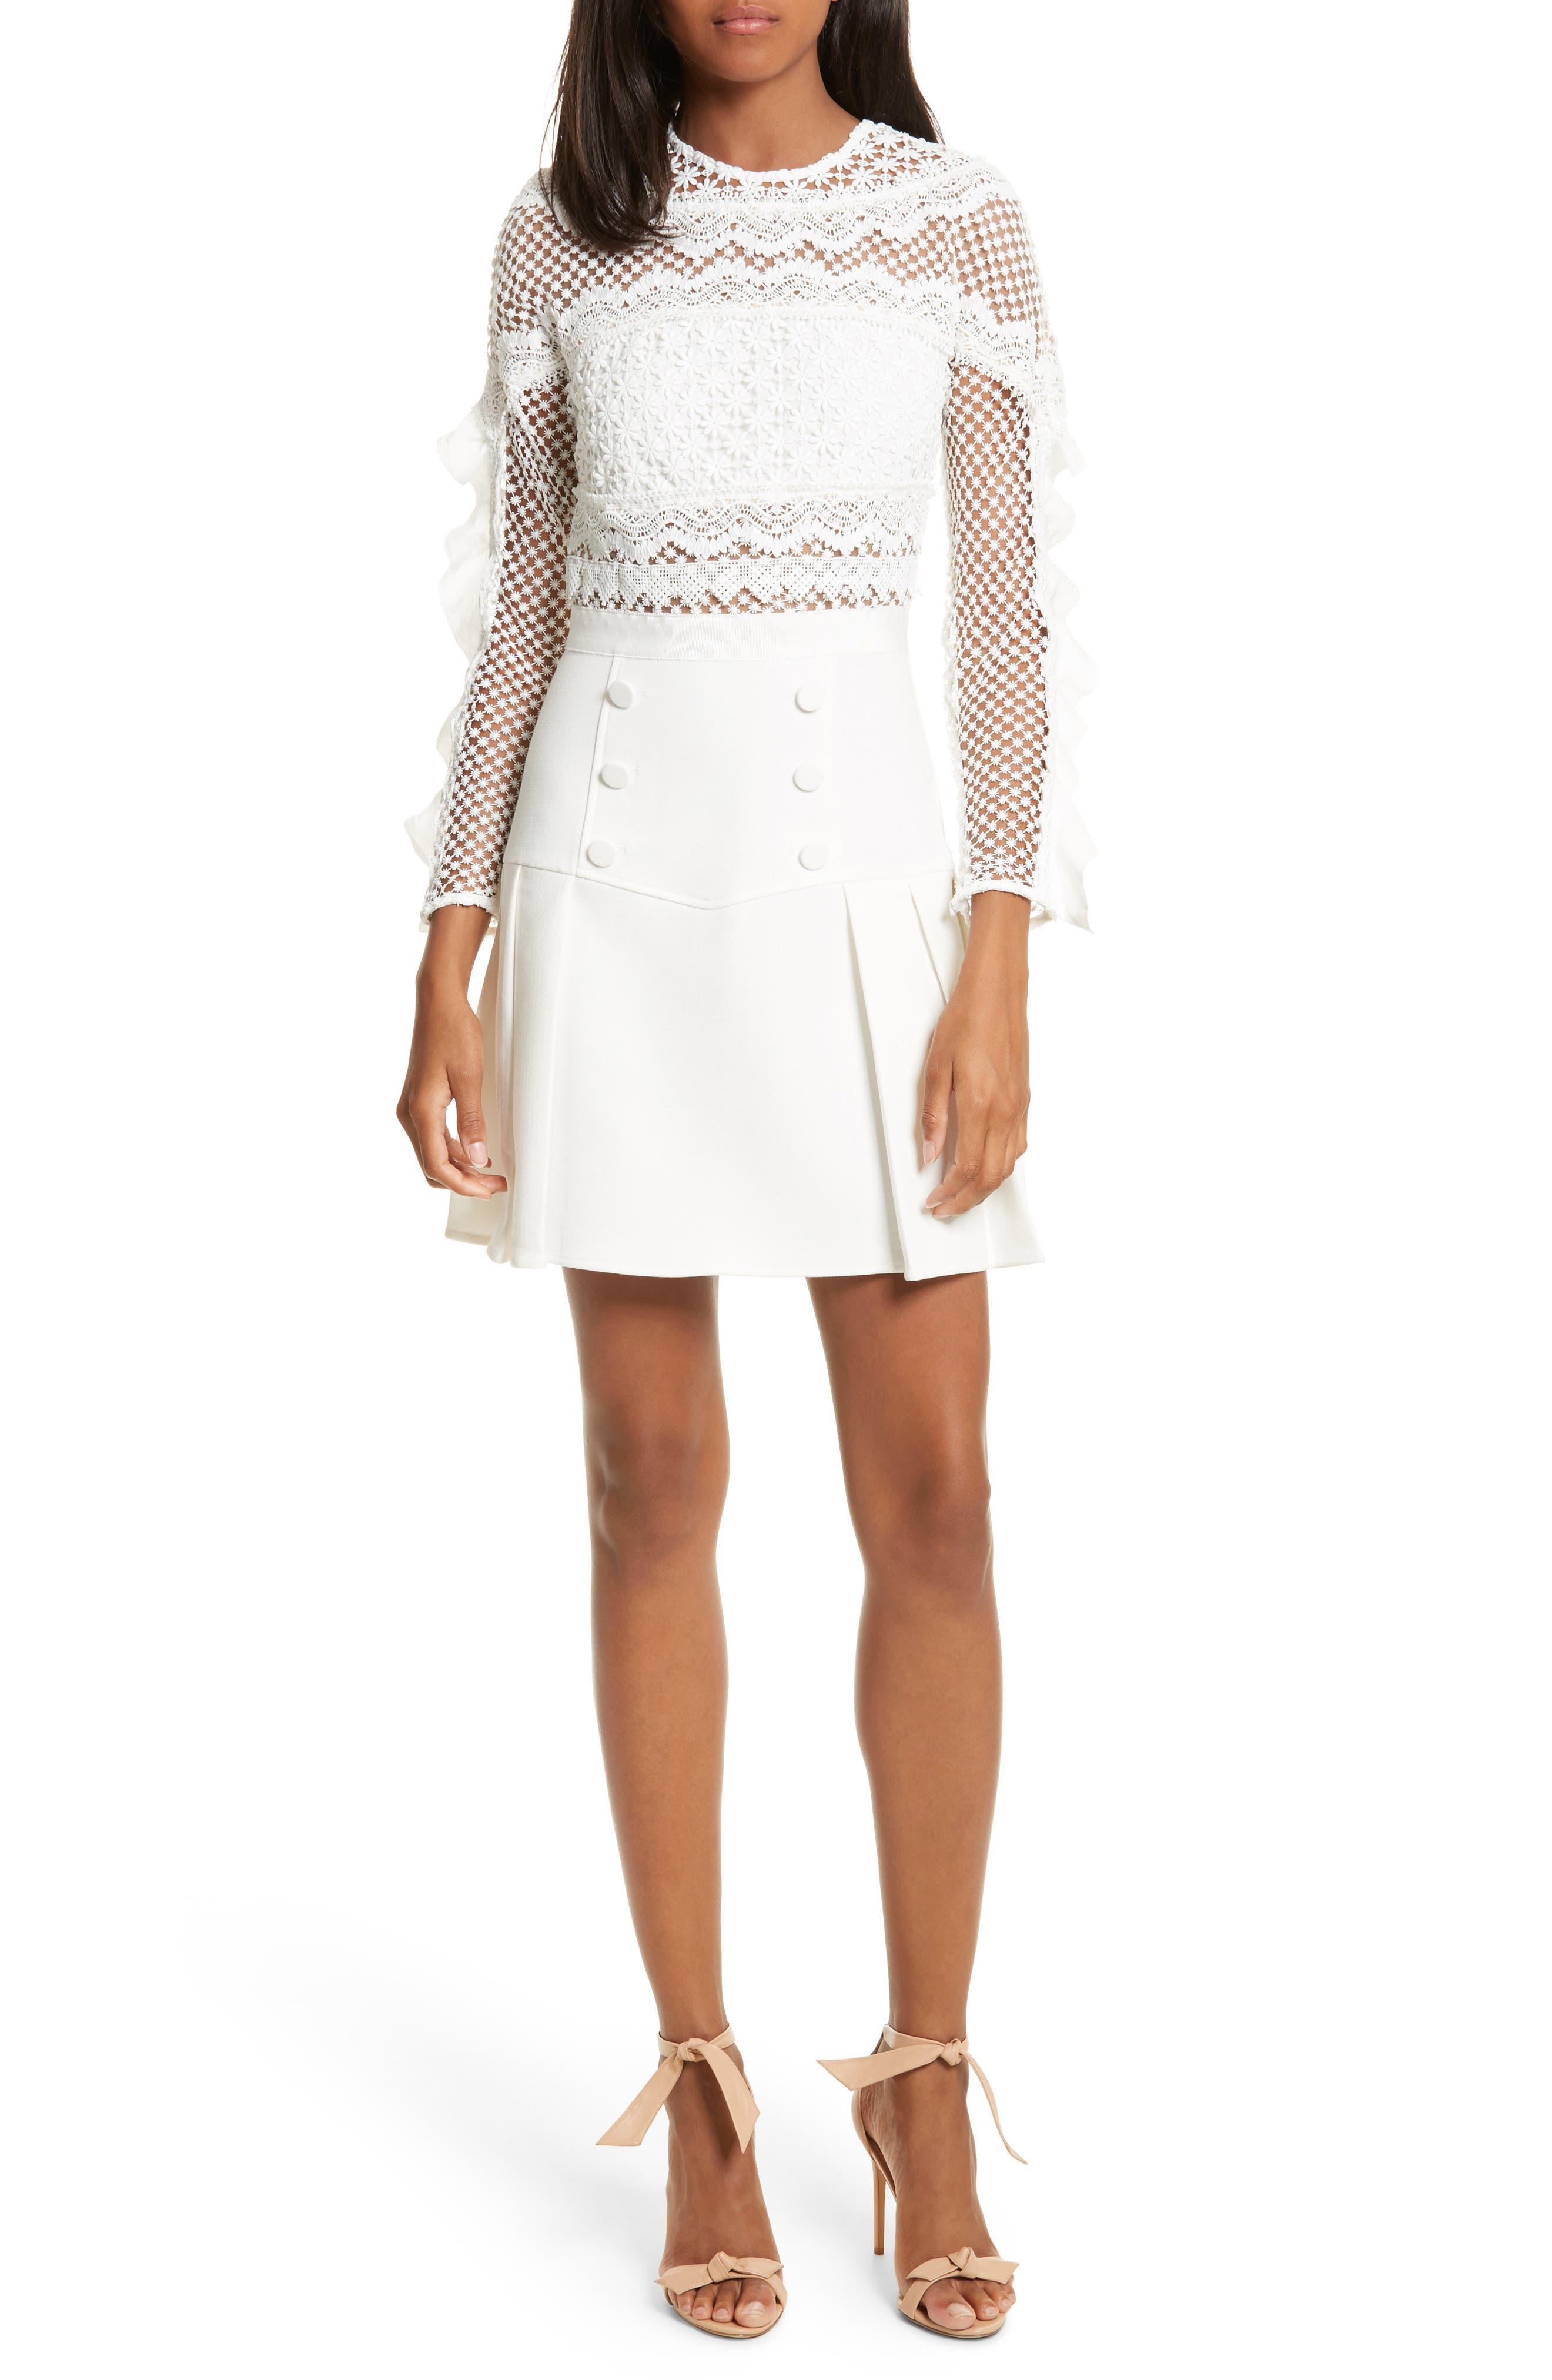 Main Image - Self-Portrait Bellis Lace Fit & Flare Dress